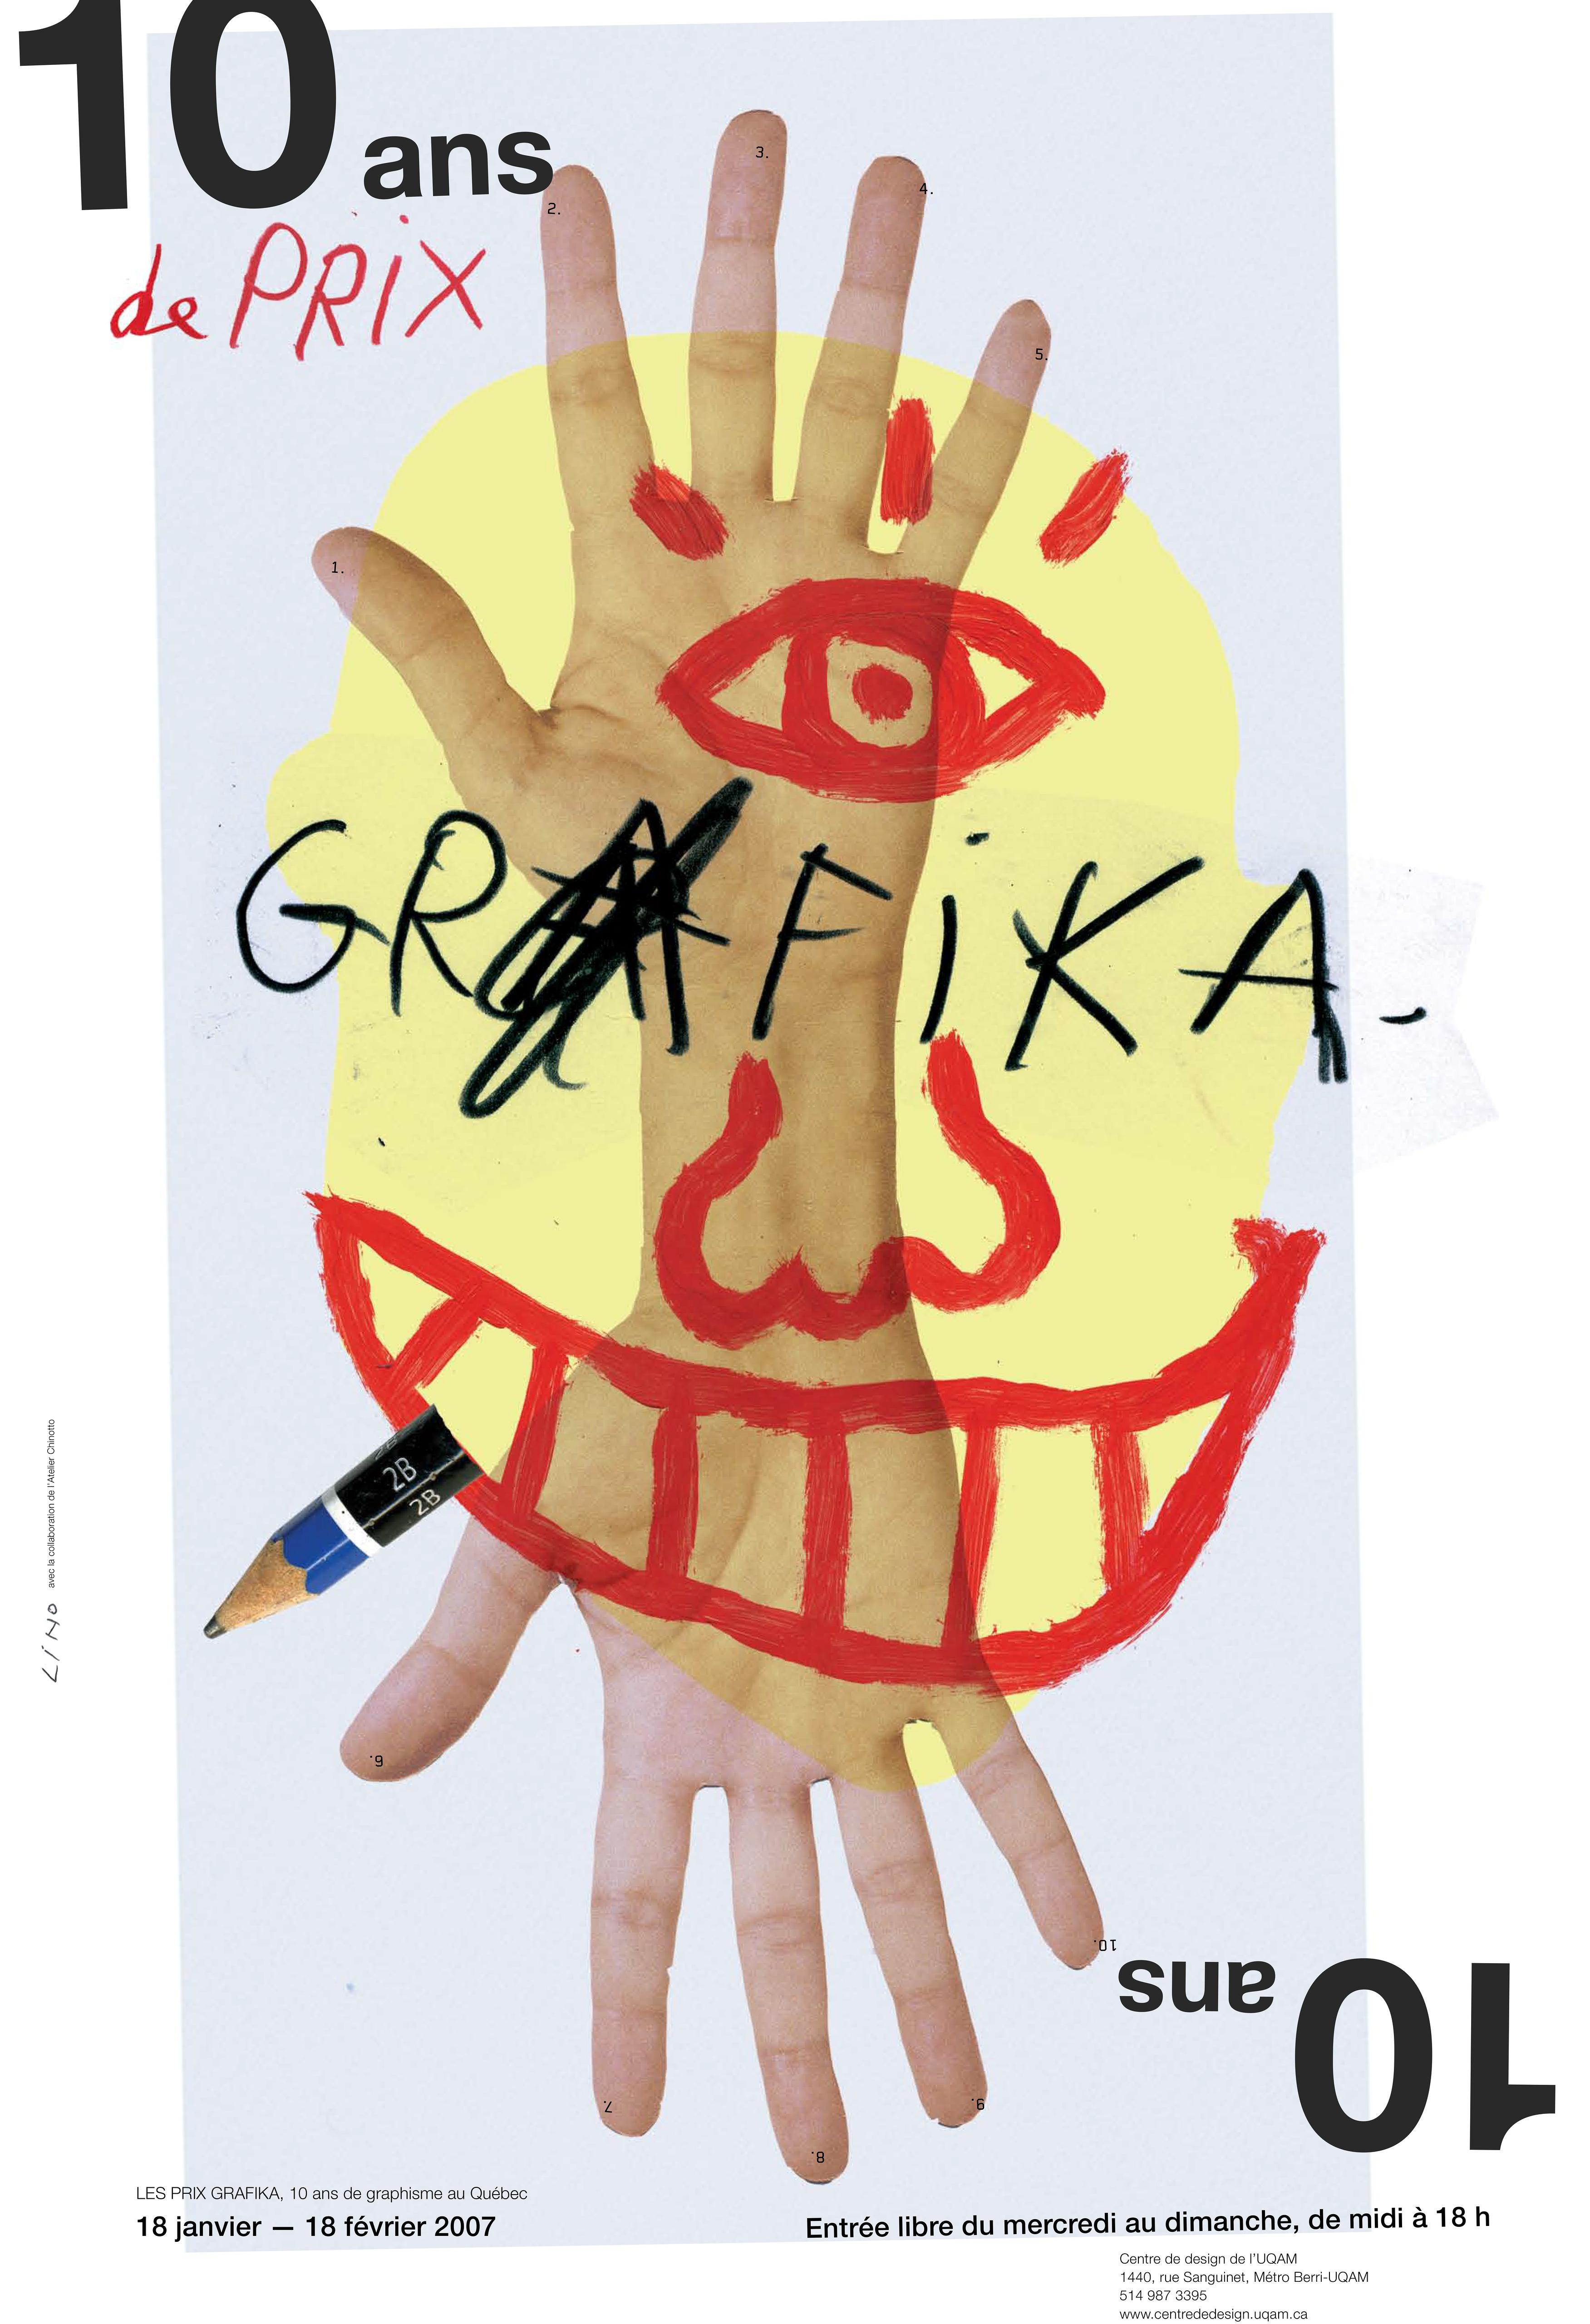 2007 - Exposition - Les prix graphika 10 ans de graphisme au Québec ©Lino